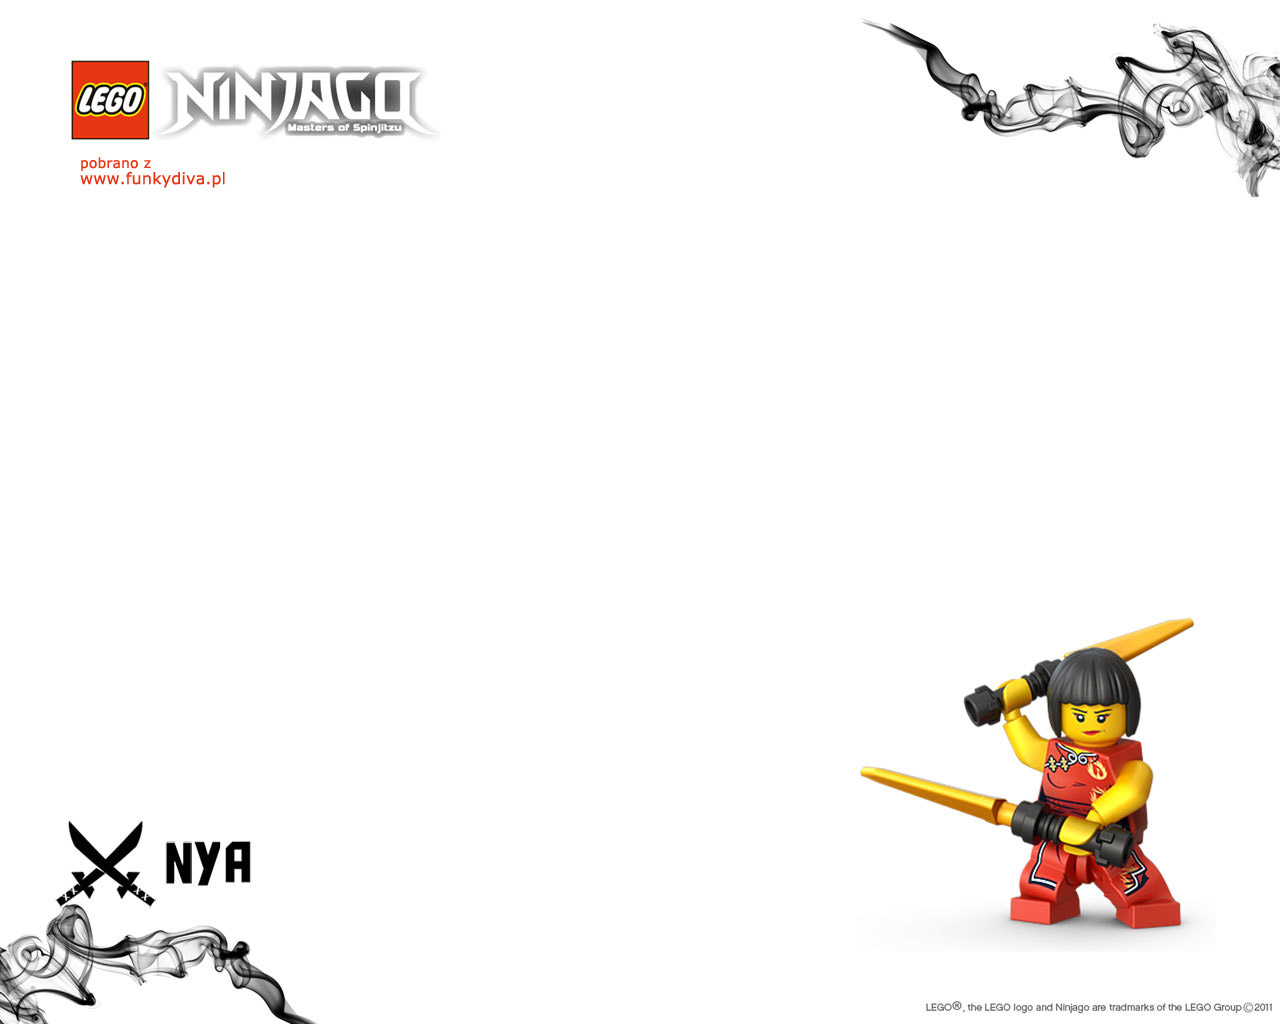 Lego Ninjago Tapeta Wallpaper 4 Fd